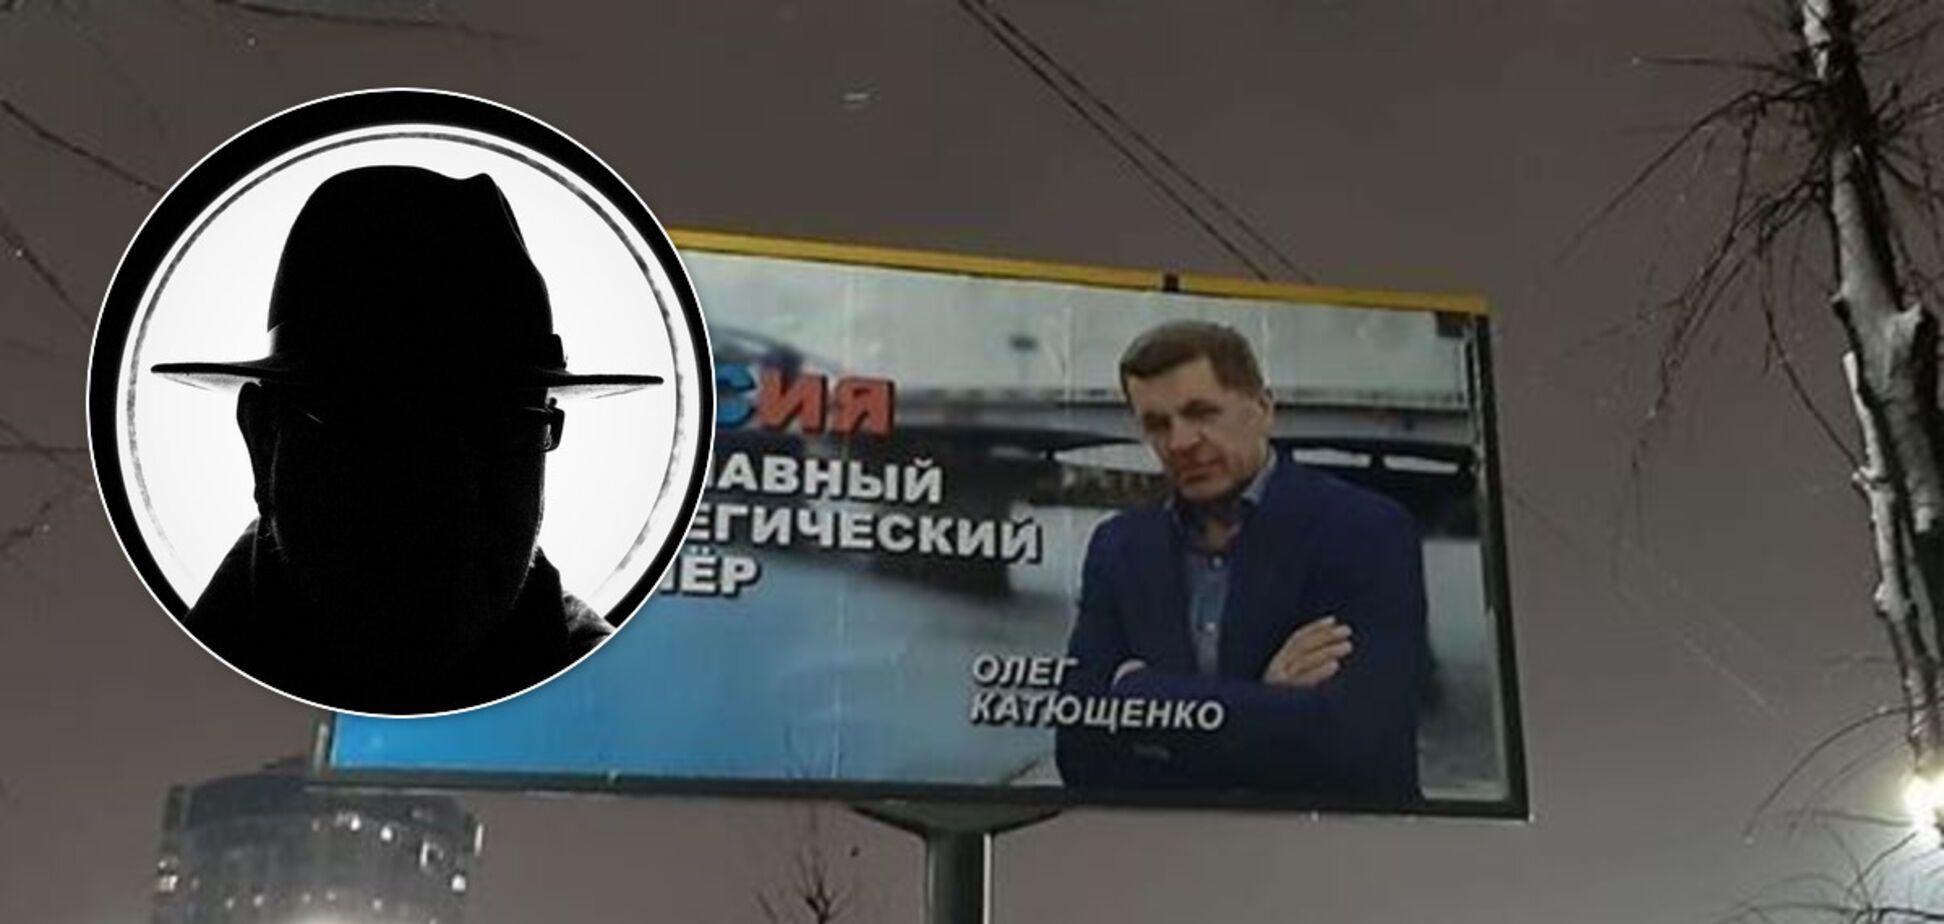 Уничтожат репутацию за $50: как и кто в Украине расправляется с бизнесом